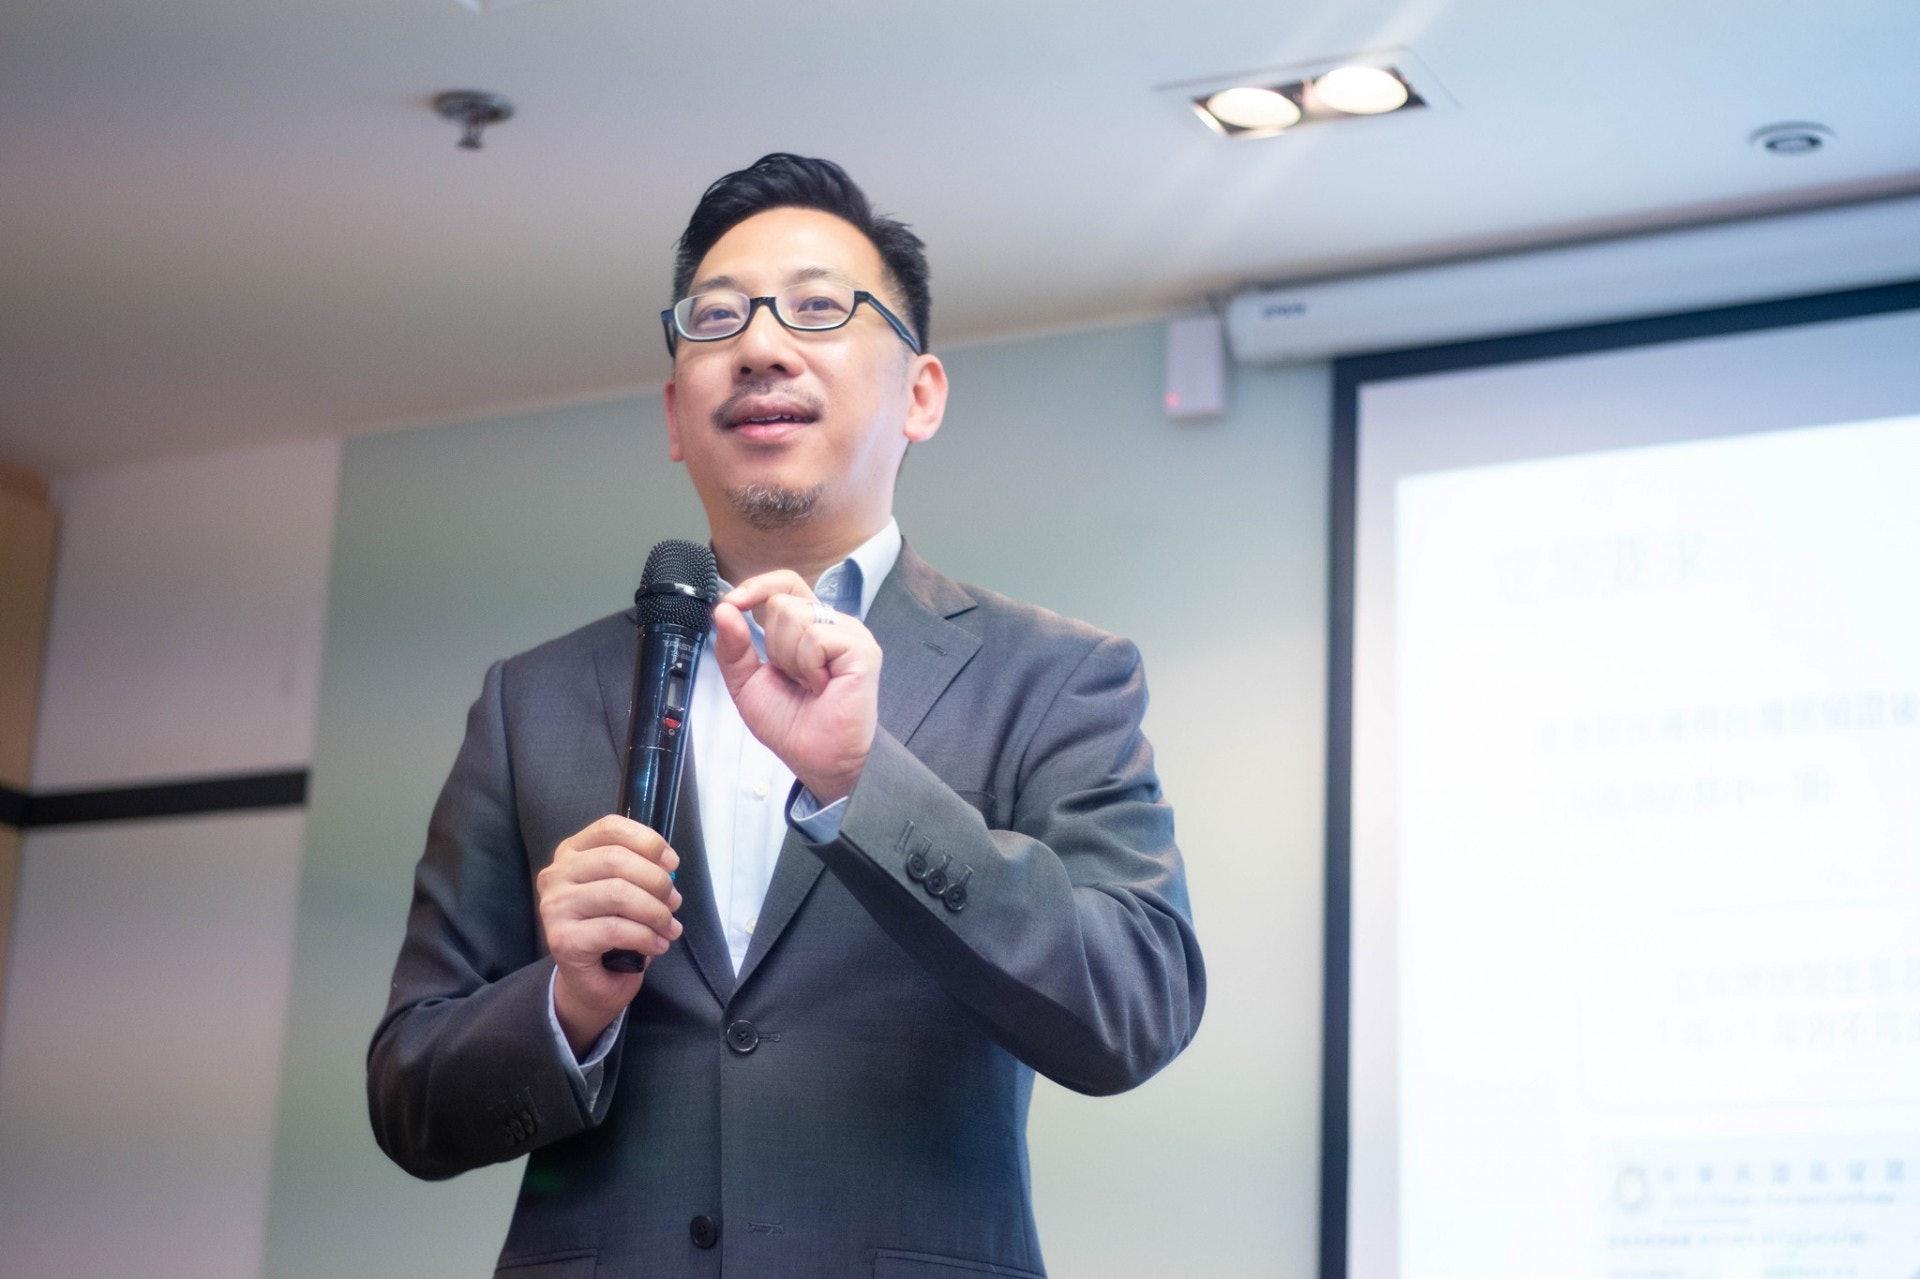 灝鏘移民創辦人羅立光(Andrew)指,馬來西亞的第二家園計劃是希望申請人可藉在當地投資,從而獲得長期在當地生活的權利。(受訪者提供)